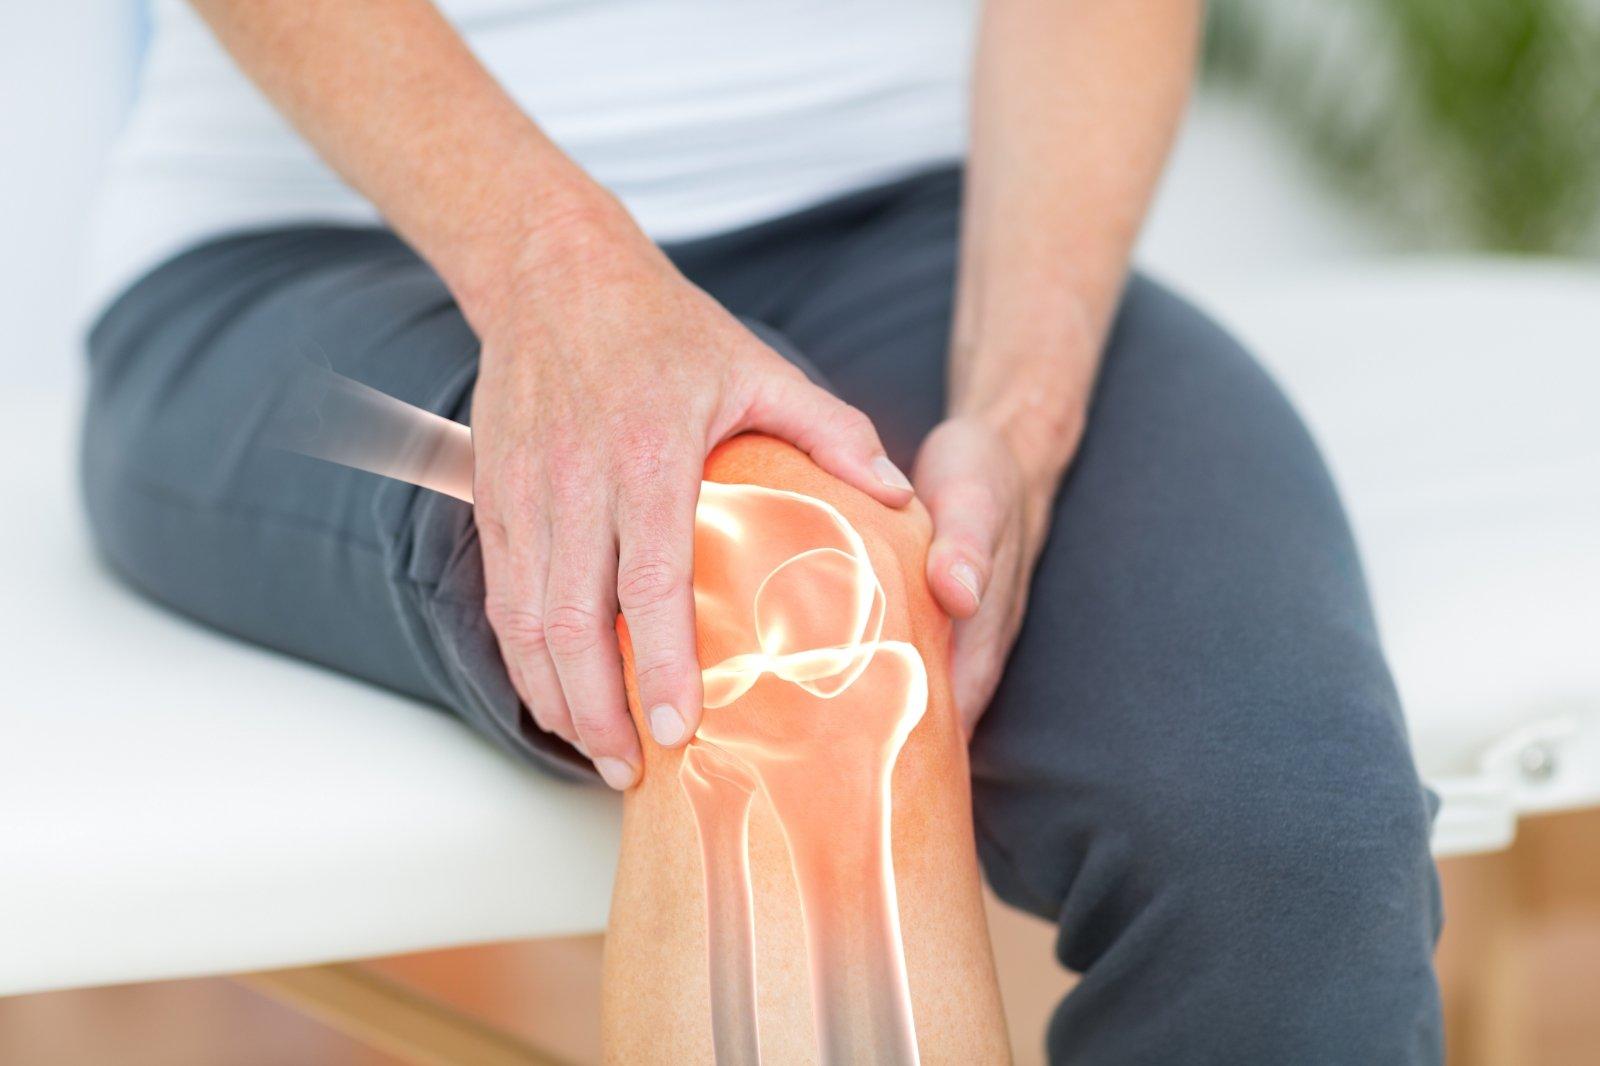 uždegimui gydyti sąnarių ir raumenų ženklai artrozės arc-priversti sąnarių l3-l4